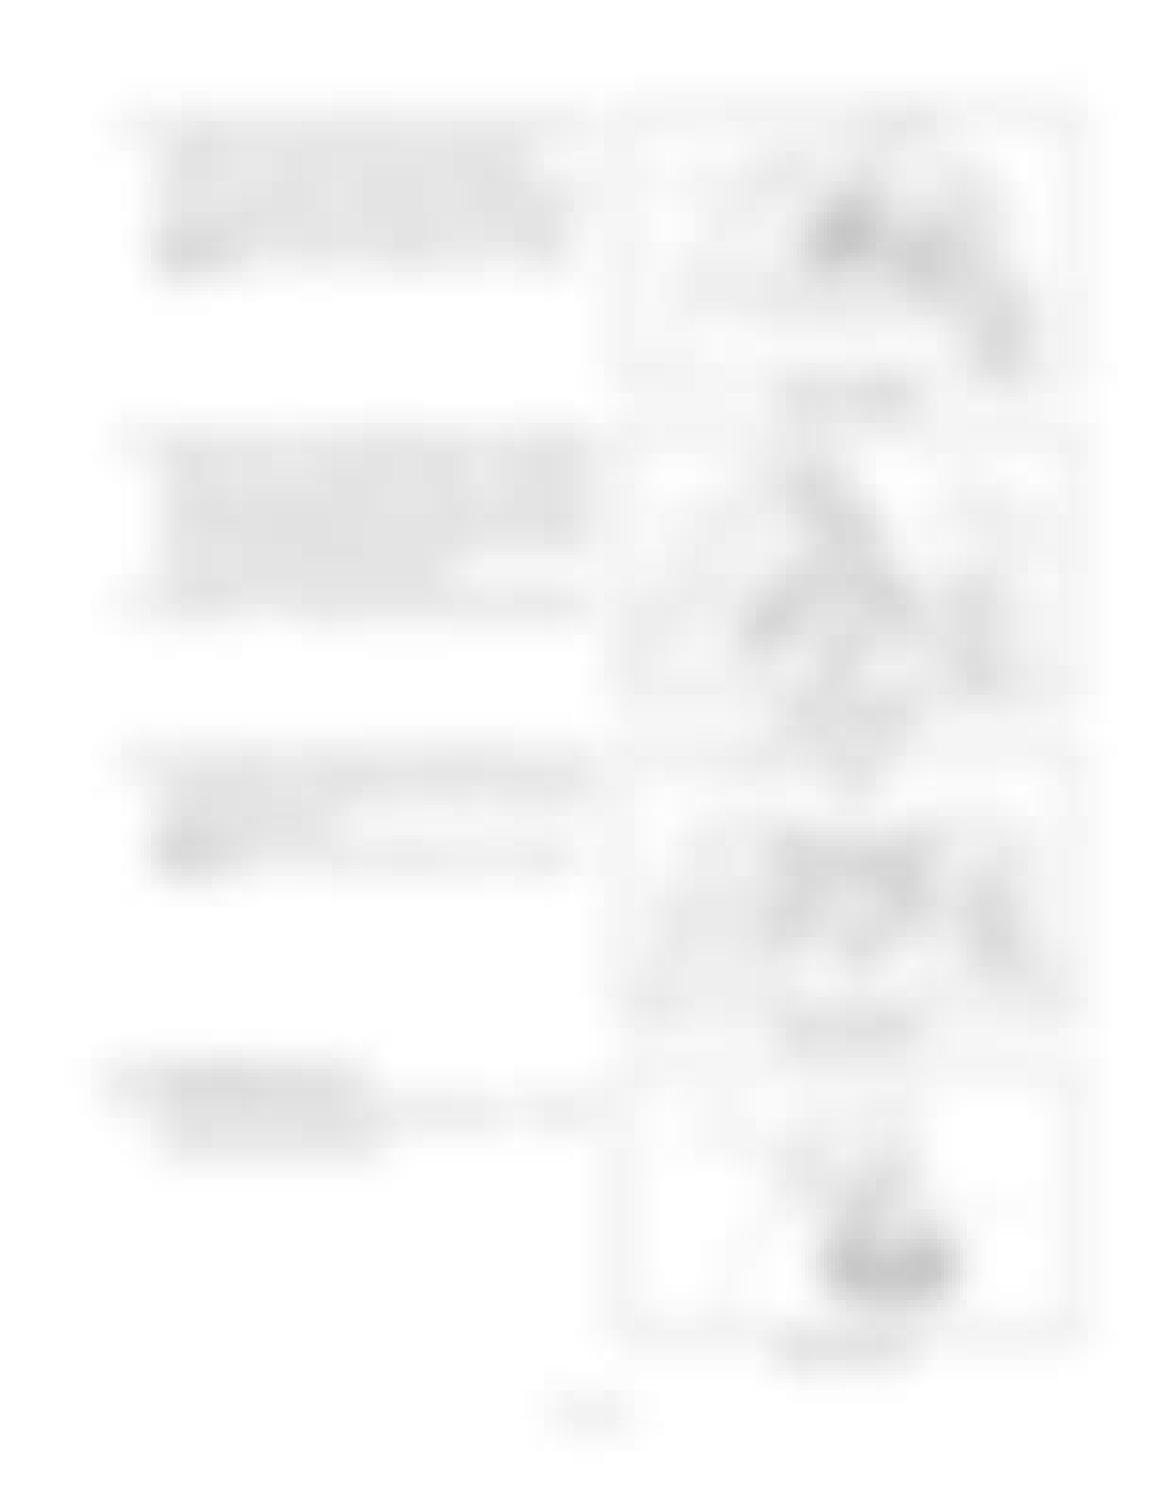 Hitachi LX110-7 LX130-7 LX160-7 LX190-7 LX230-7 Wheel Loader Workshop Manual - PDF DOWNLOAD page 75